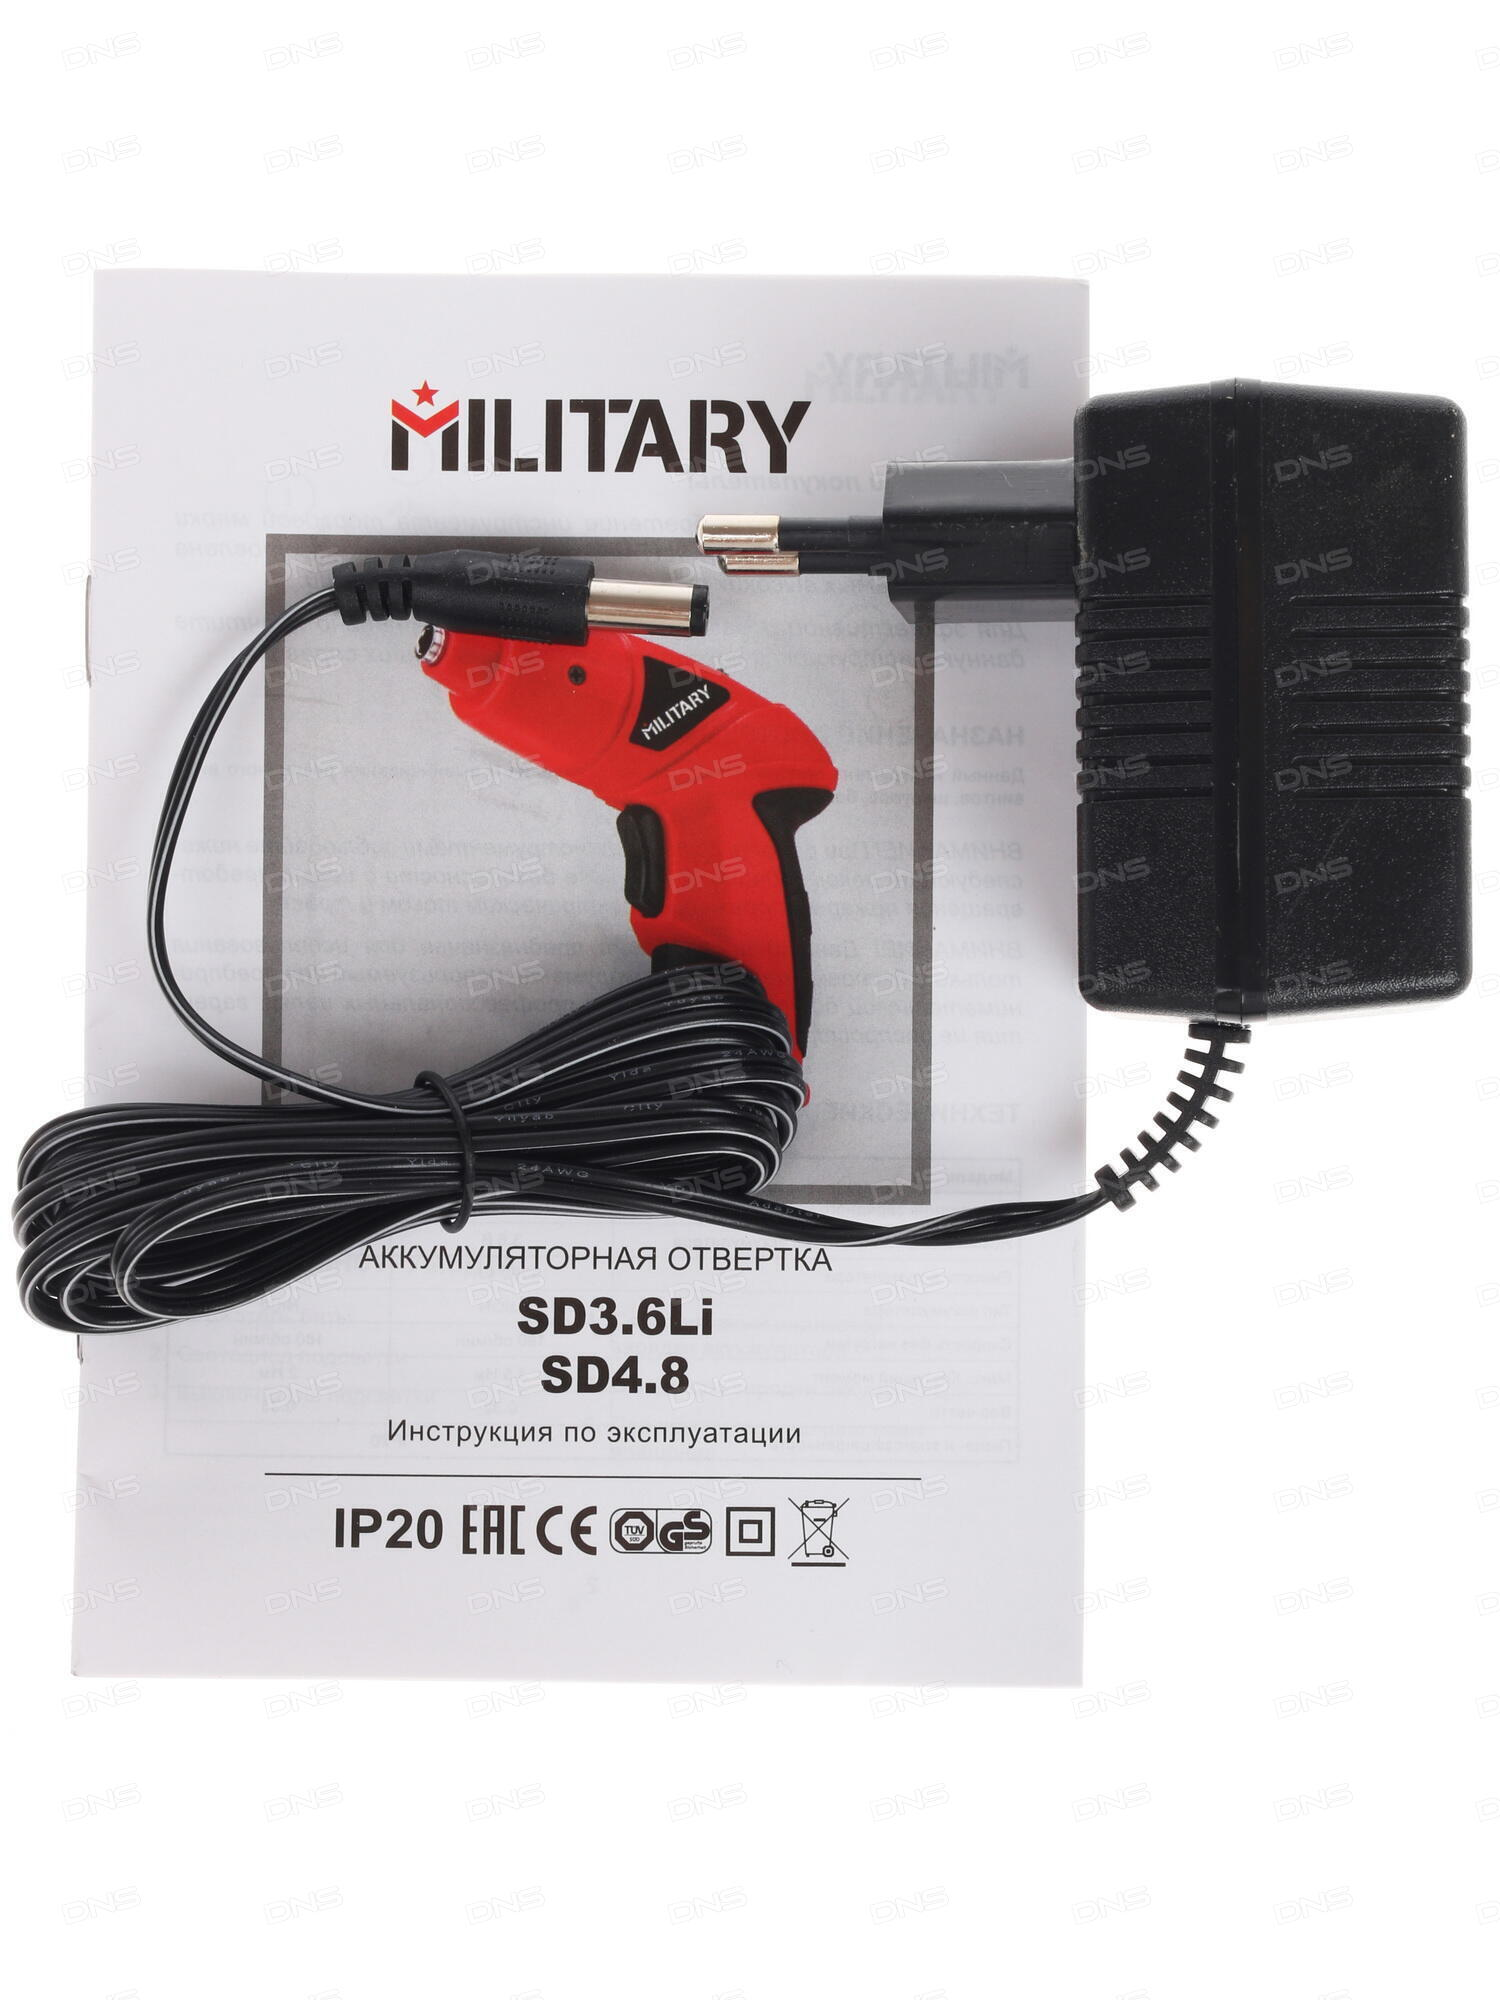 Отвертка Military SD4.8